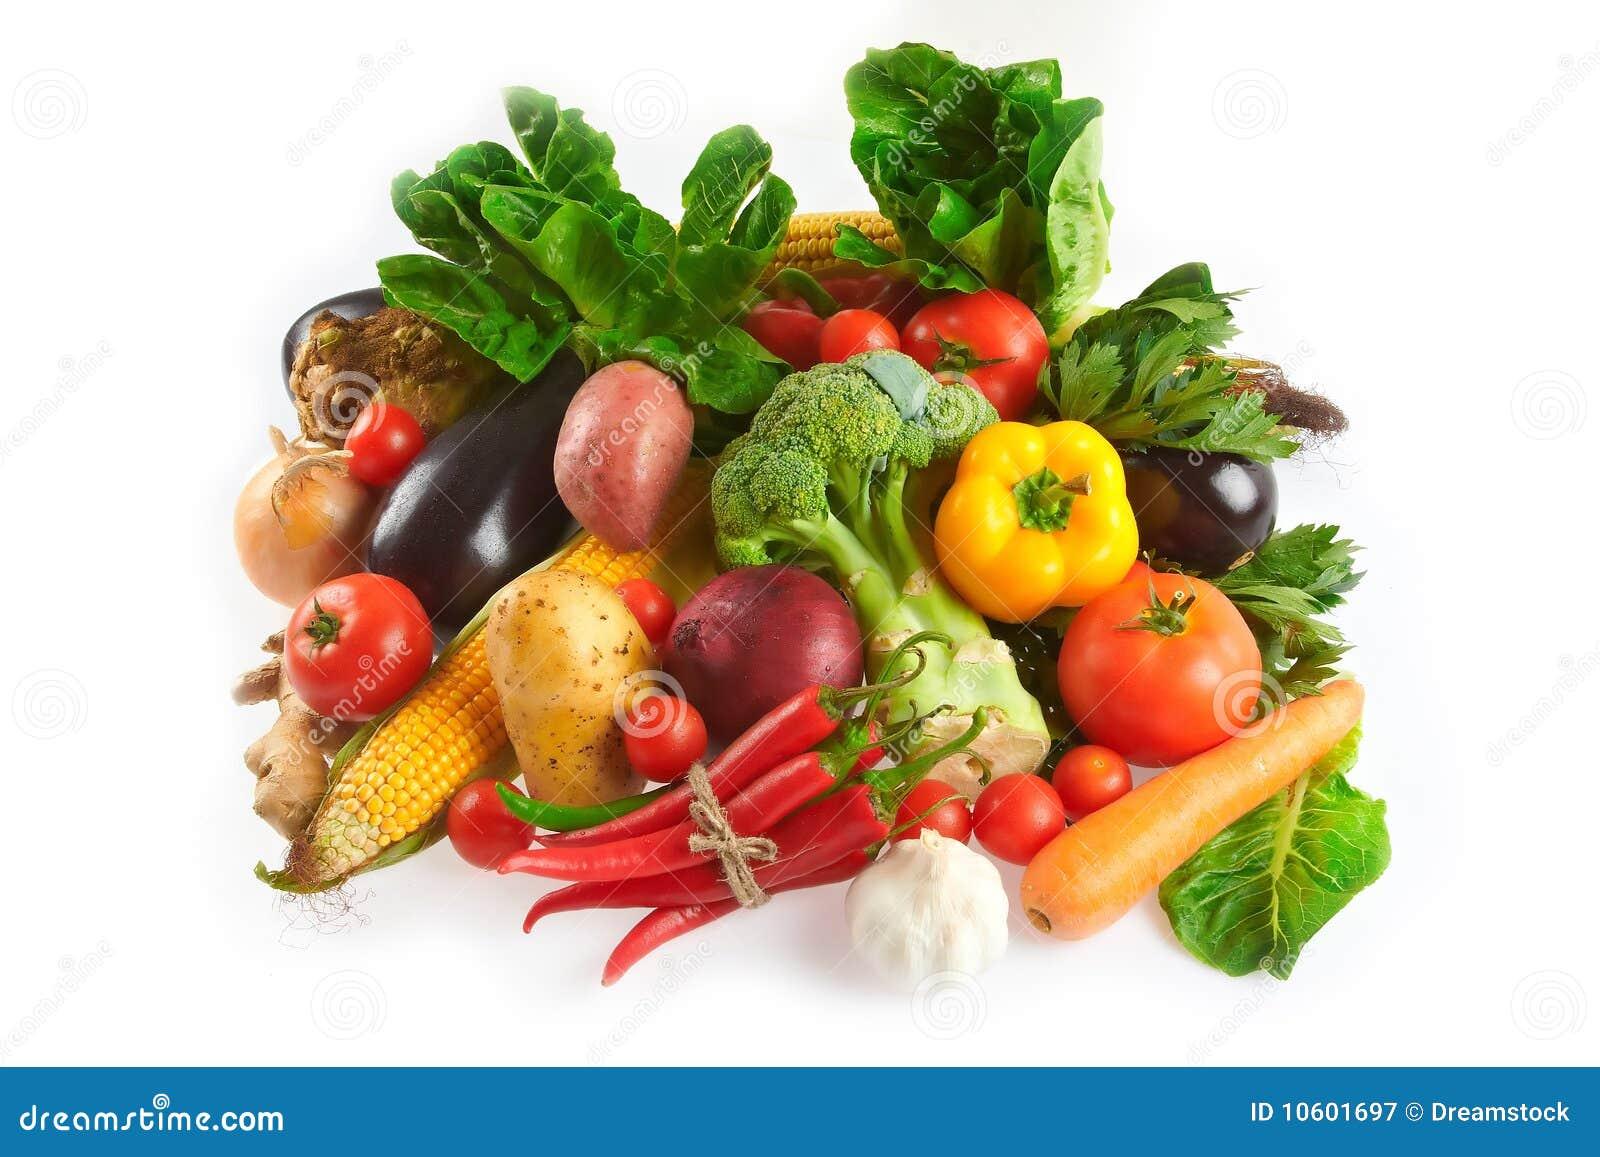 Mistura de frutas e verdura